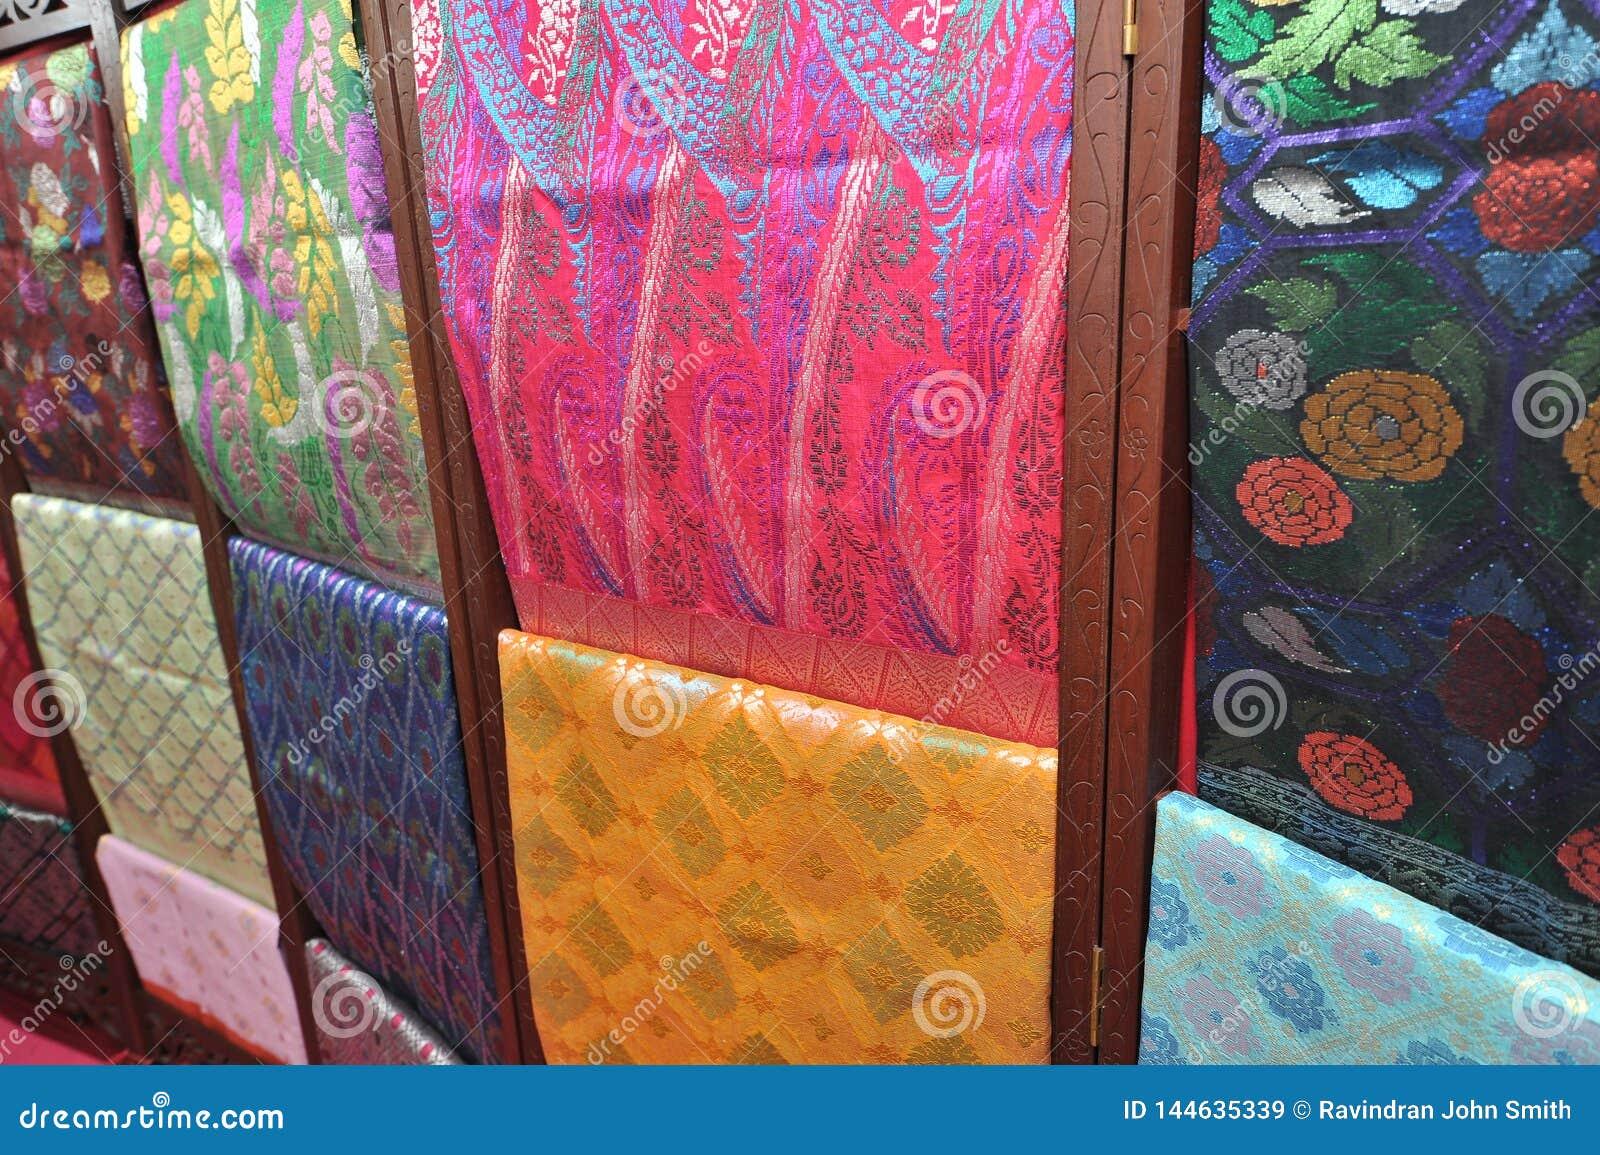 Songket textiles stock image  Image of brunei, world - 144635339